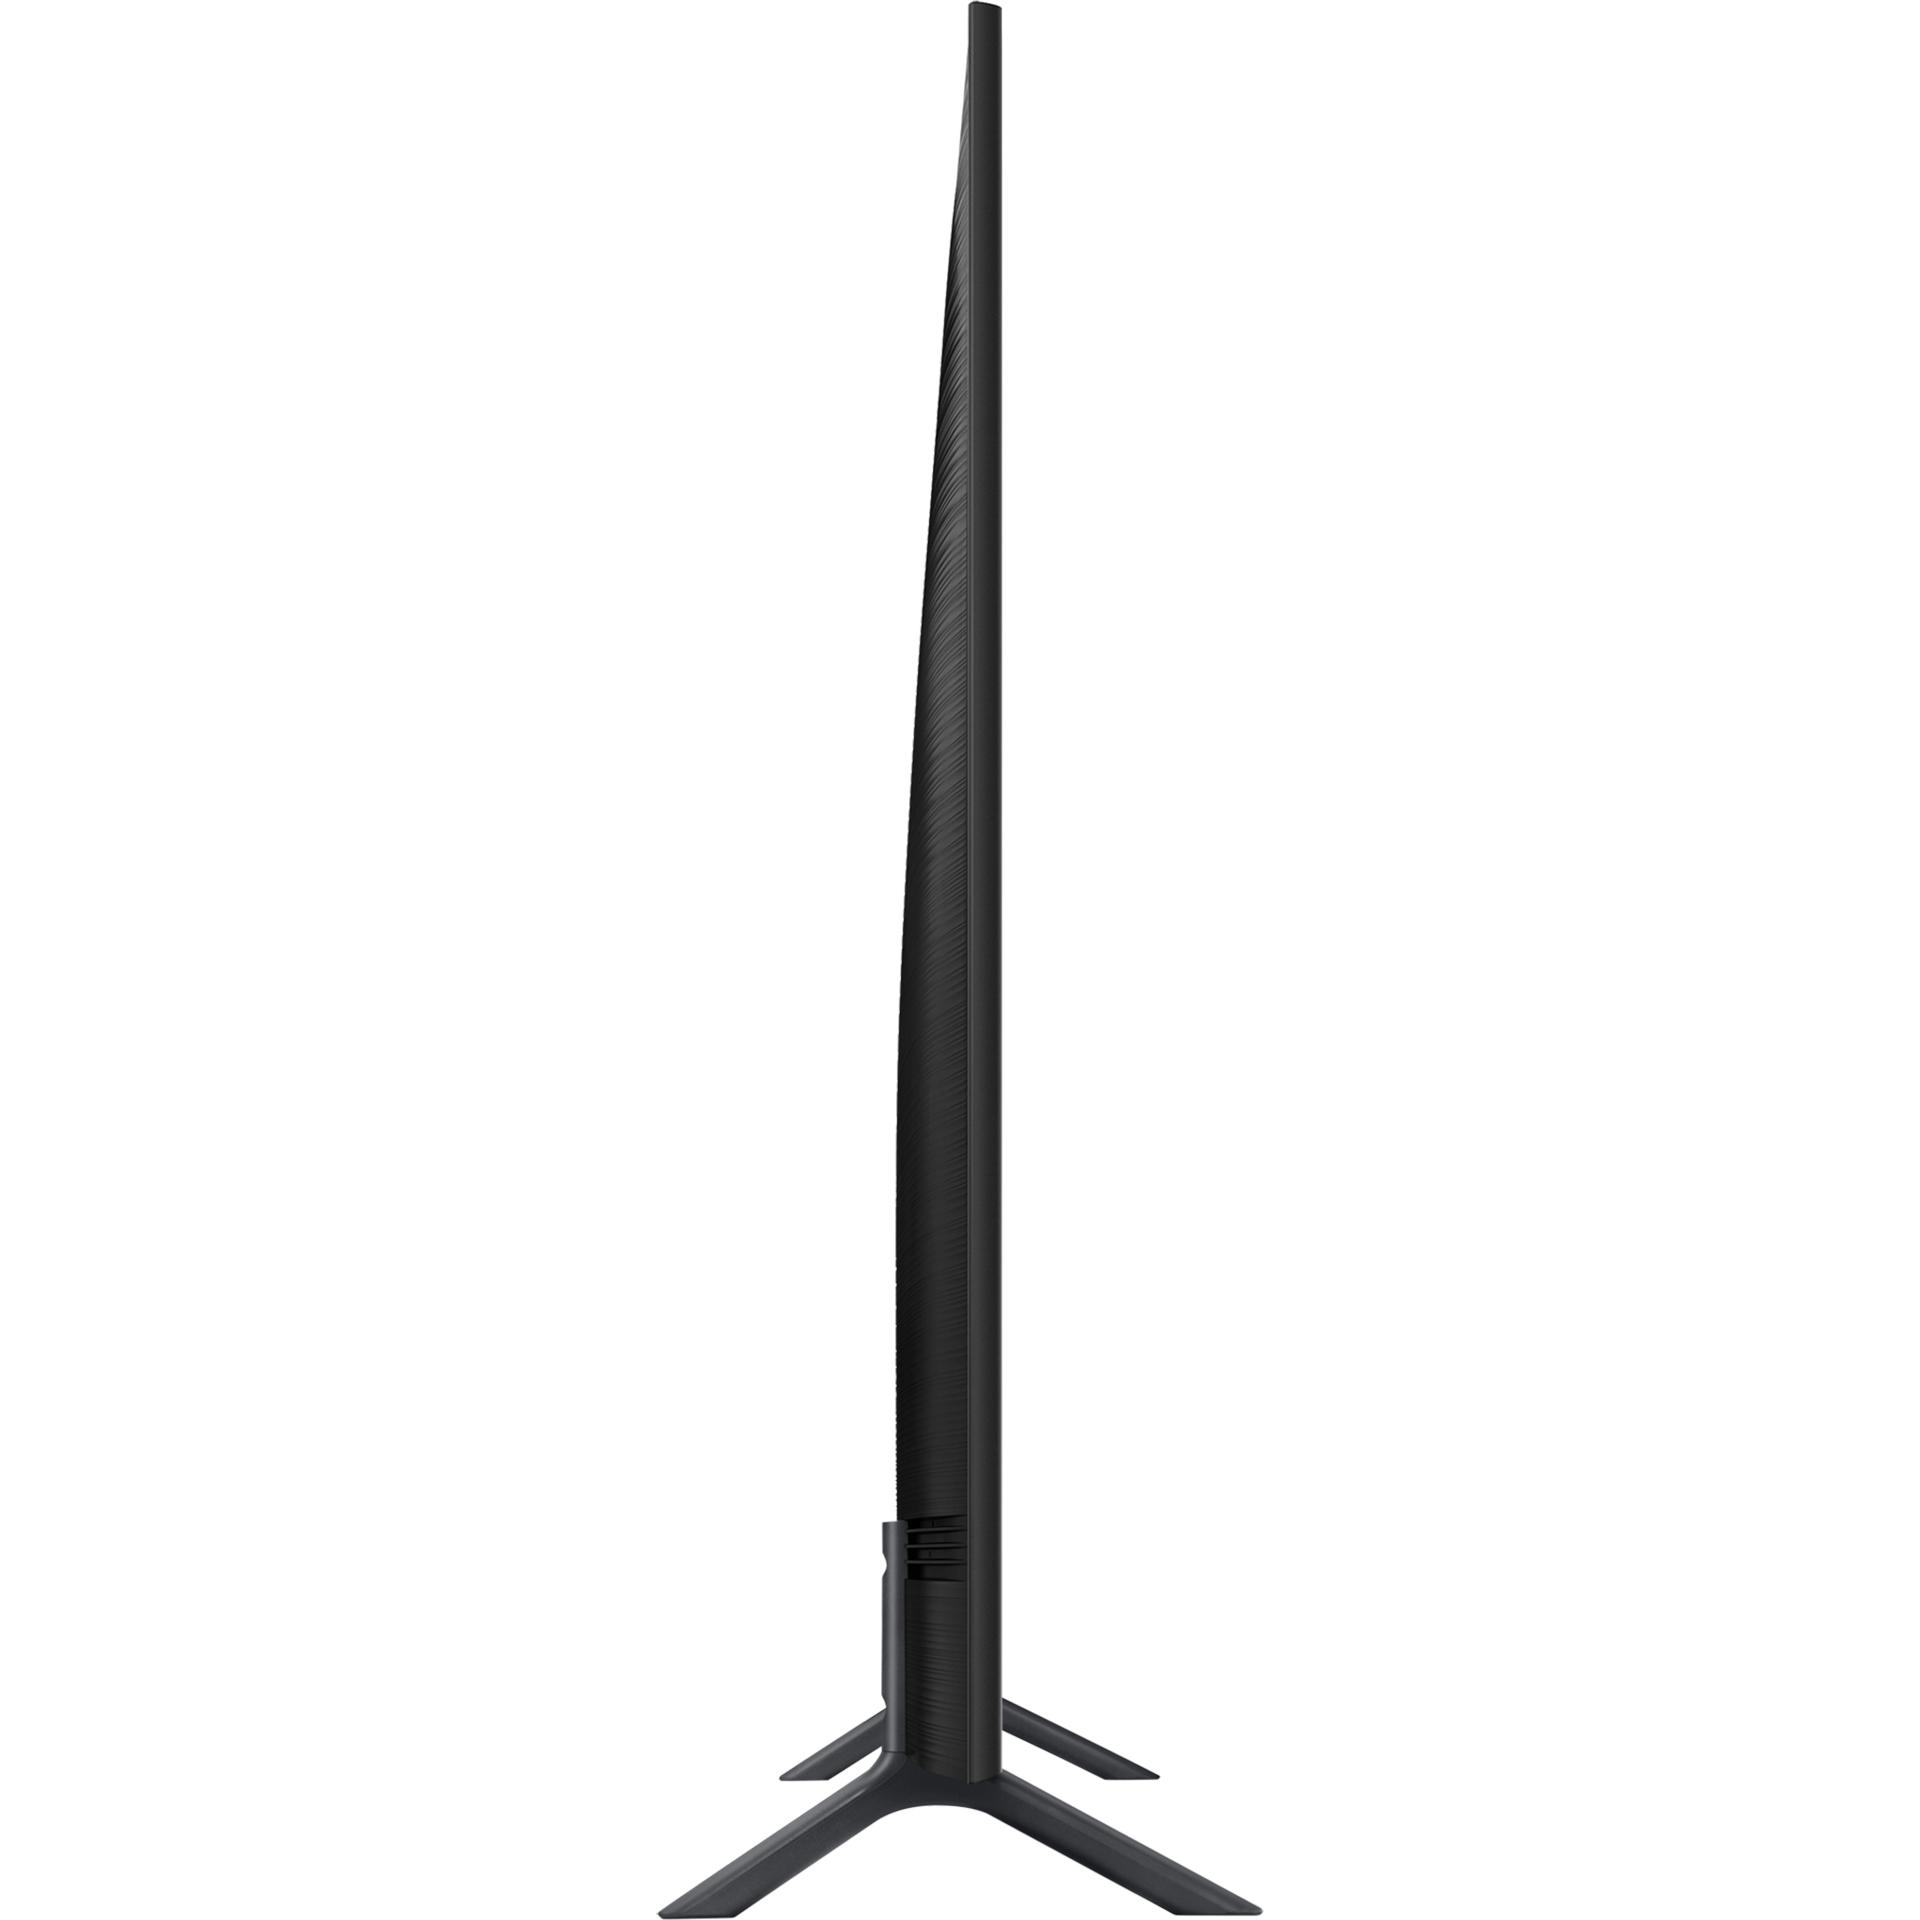 65'' LED-teler Samsung NU7172